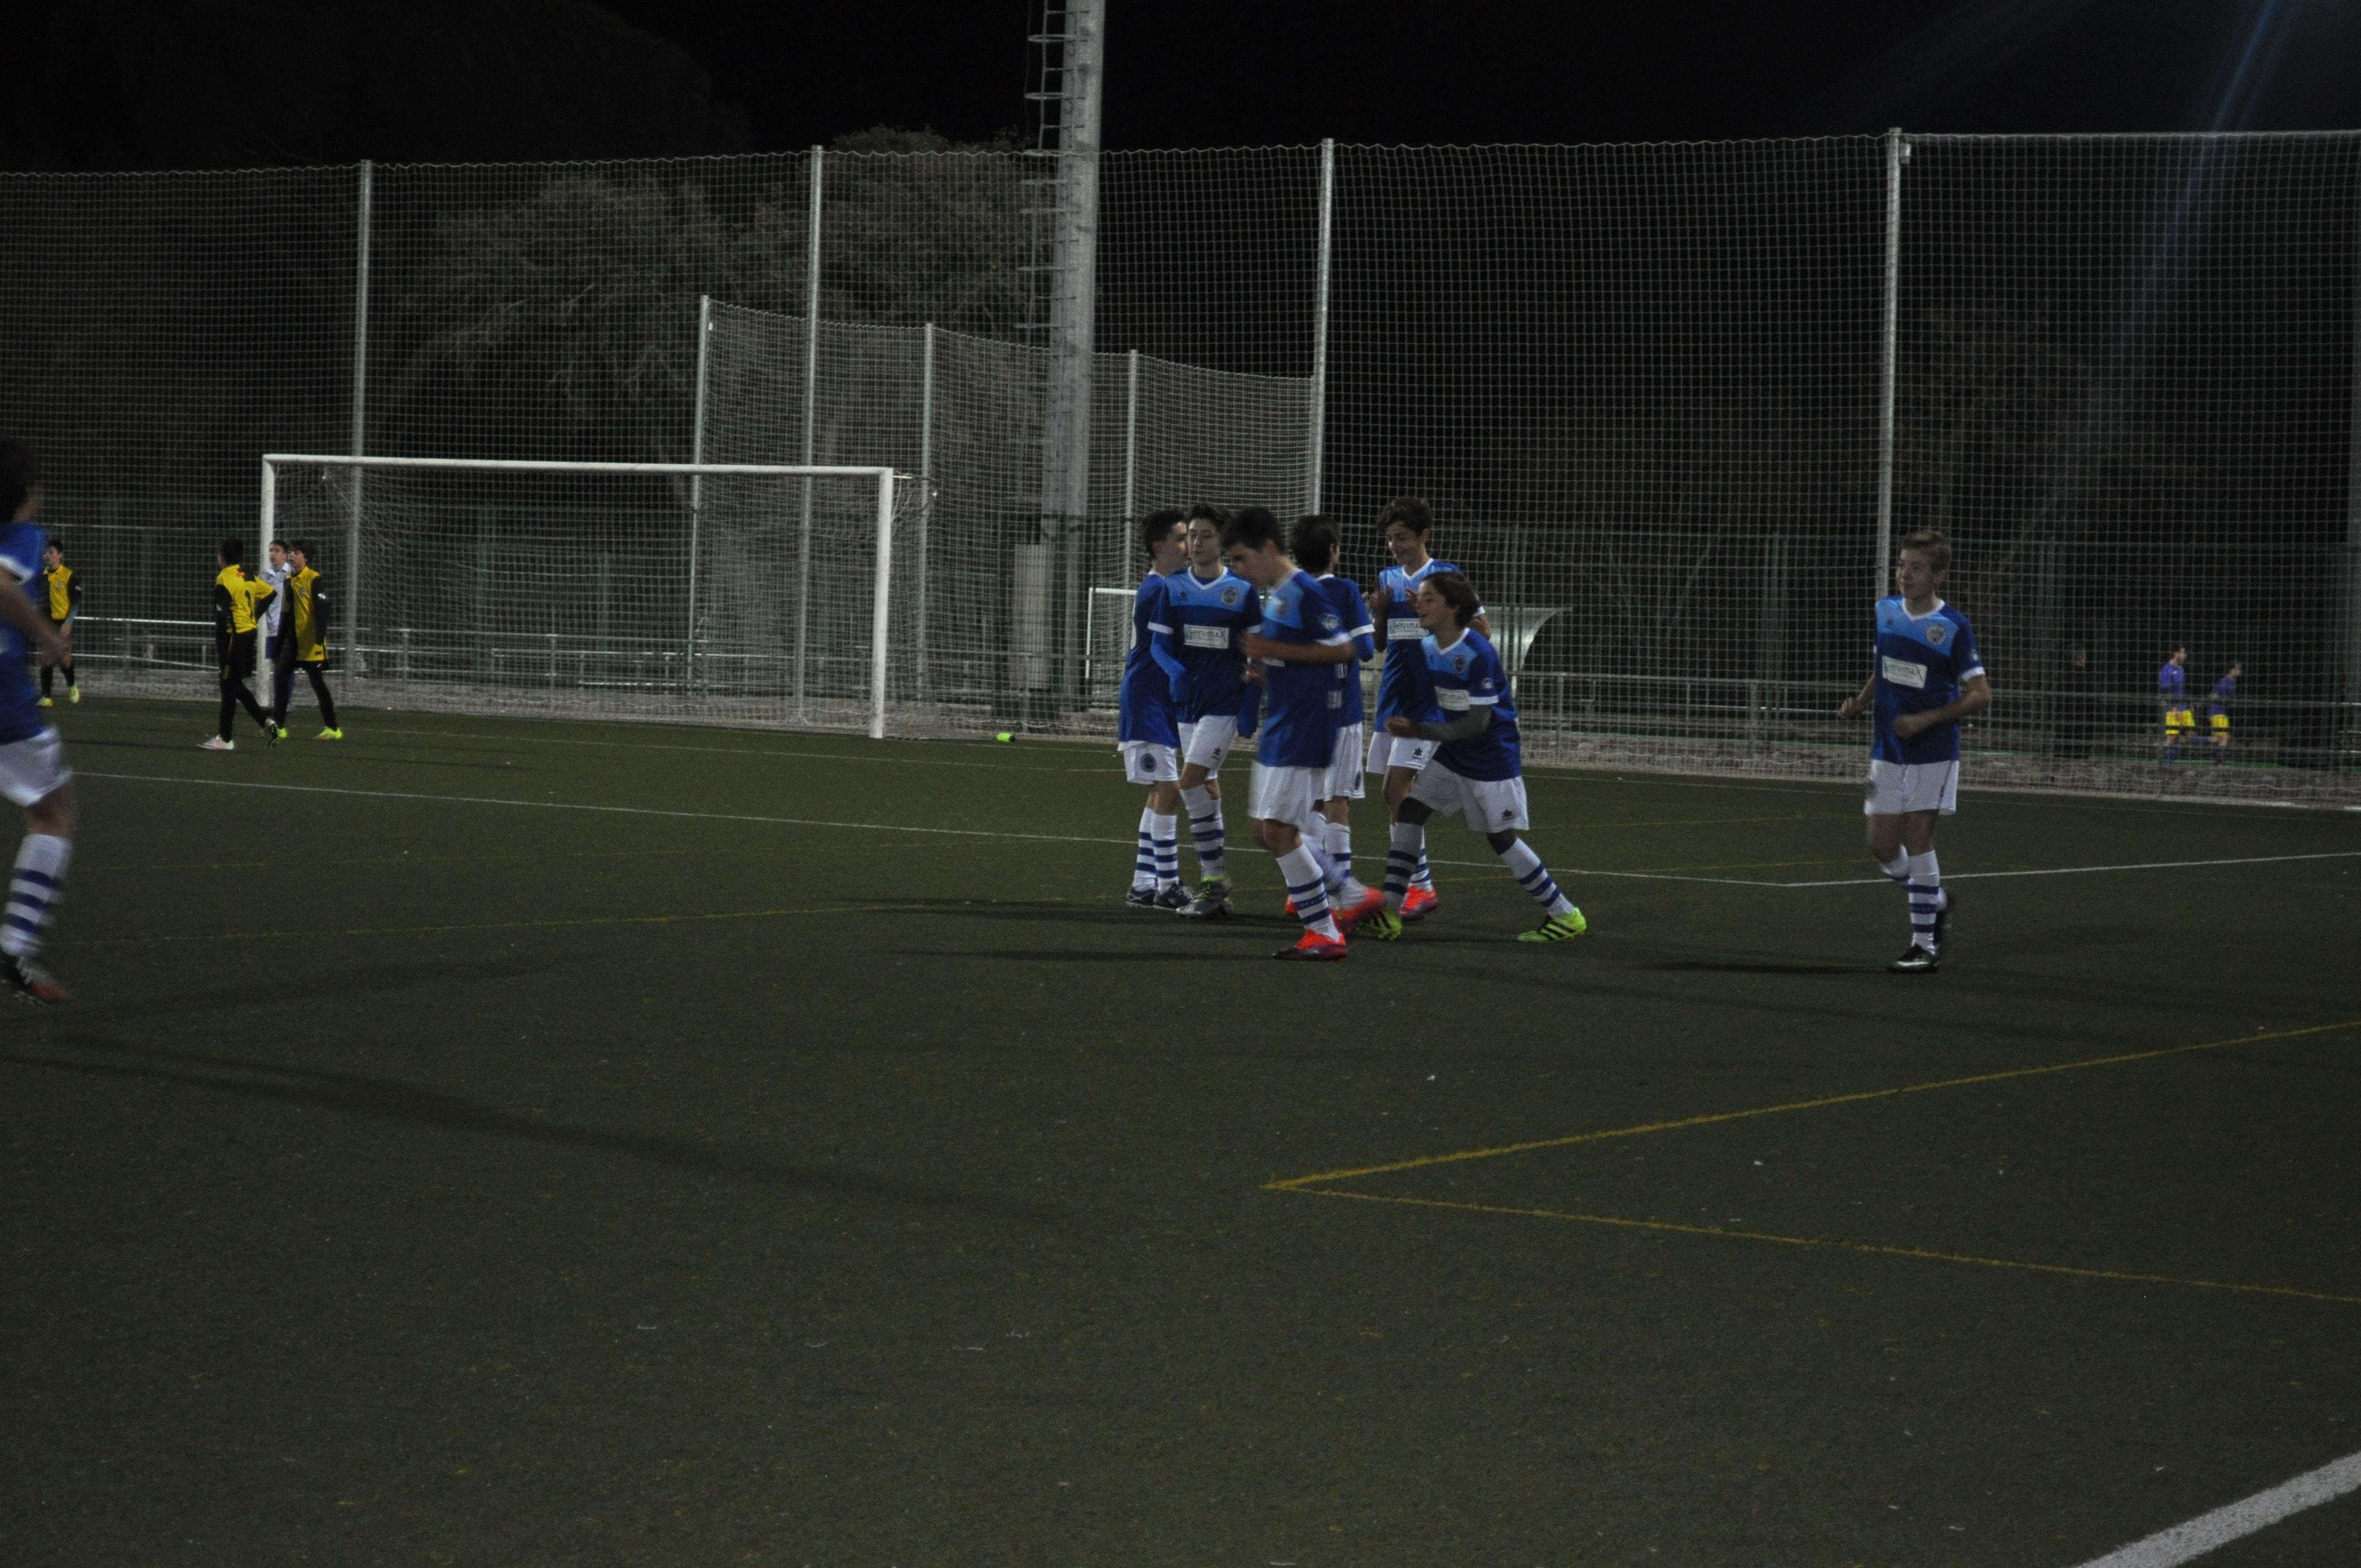 escuela_futbol_boadilla_10_años